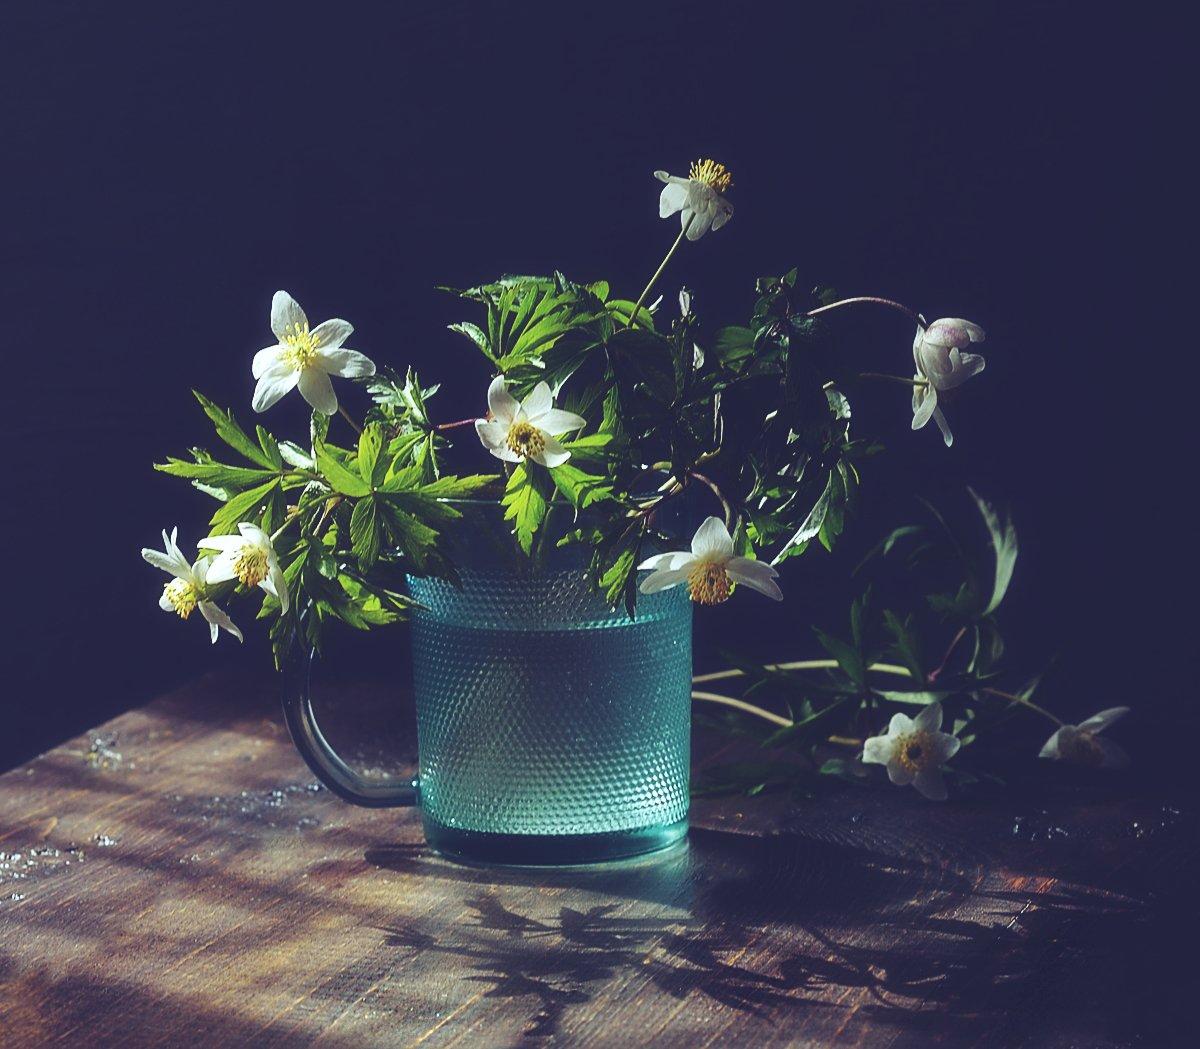 натюрморт,весна,цветы,ветреница,анемона, Наталия К